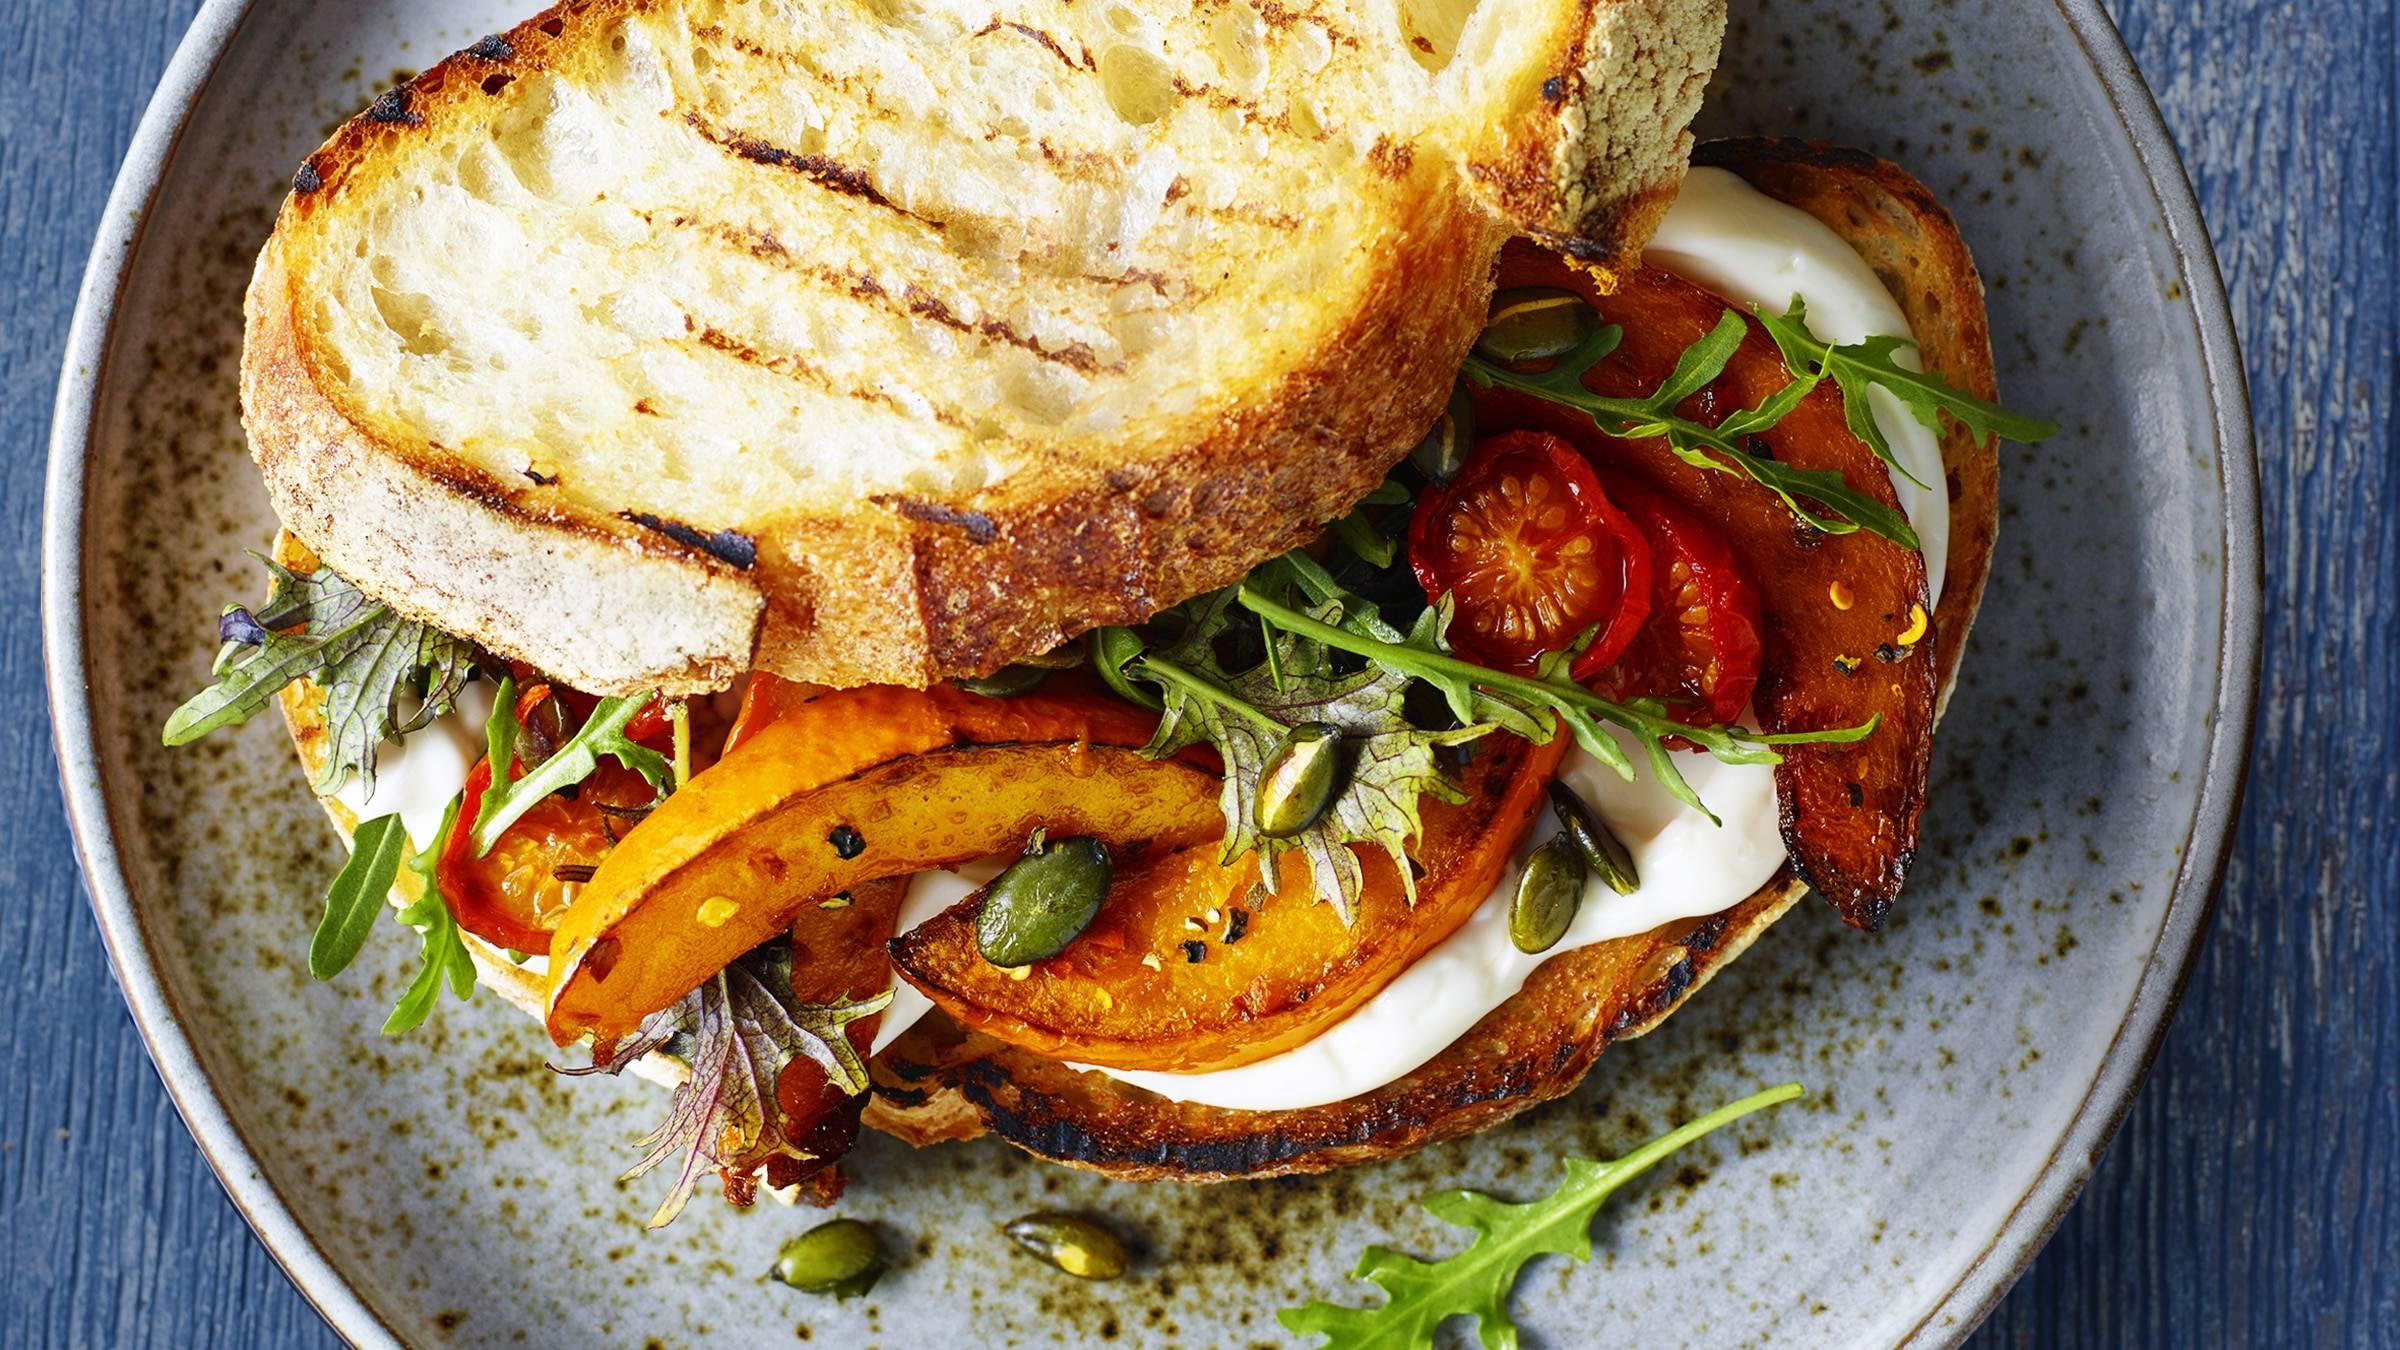 Rustic Roasted Pumpkin Sandwich